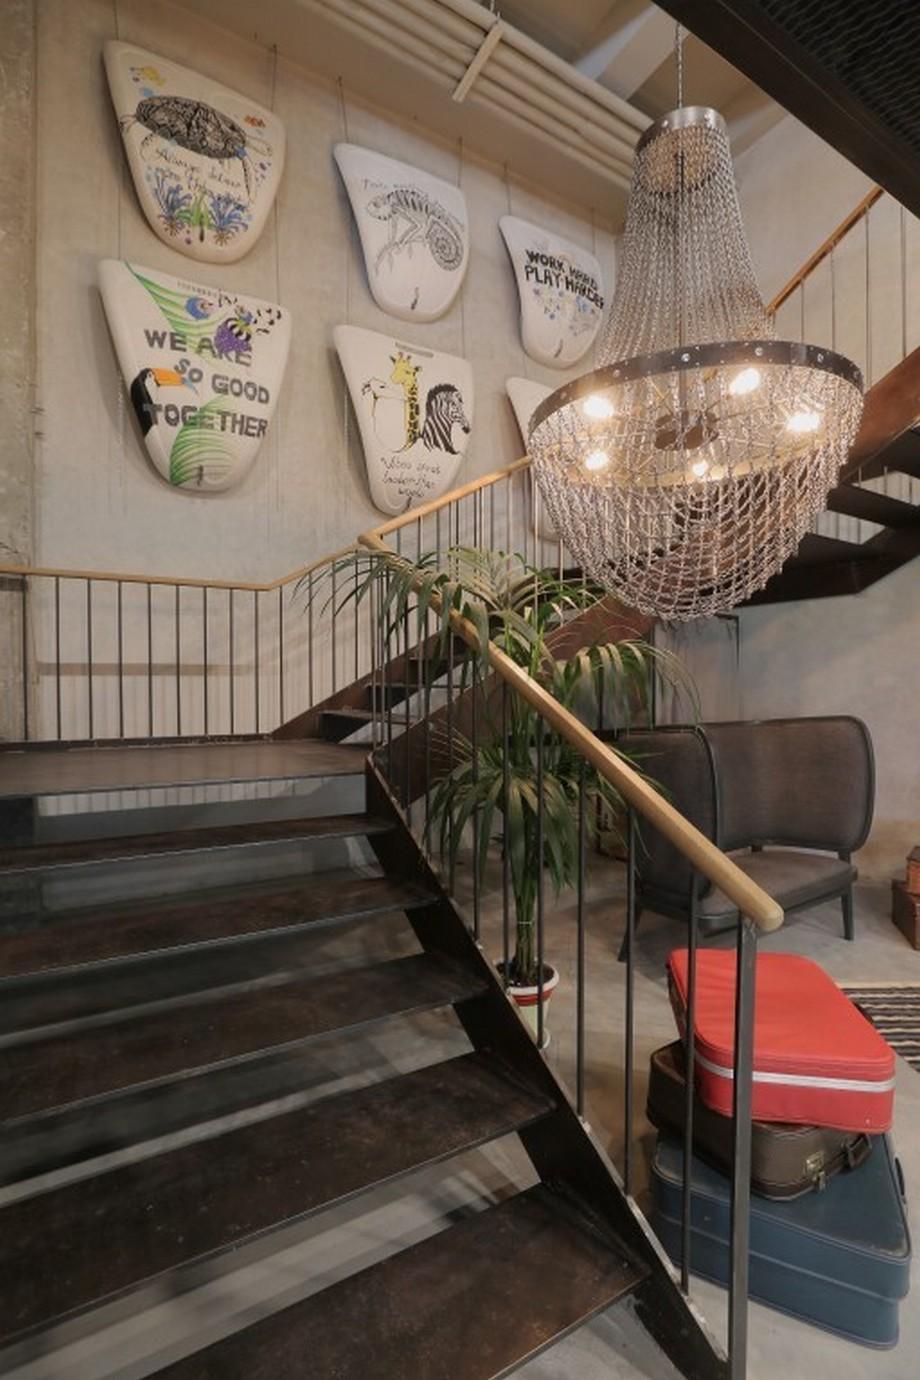 Thiết kế cầu thang trong văn phòng với cách trang trí mới lạ